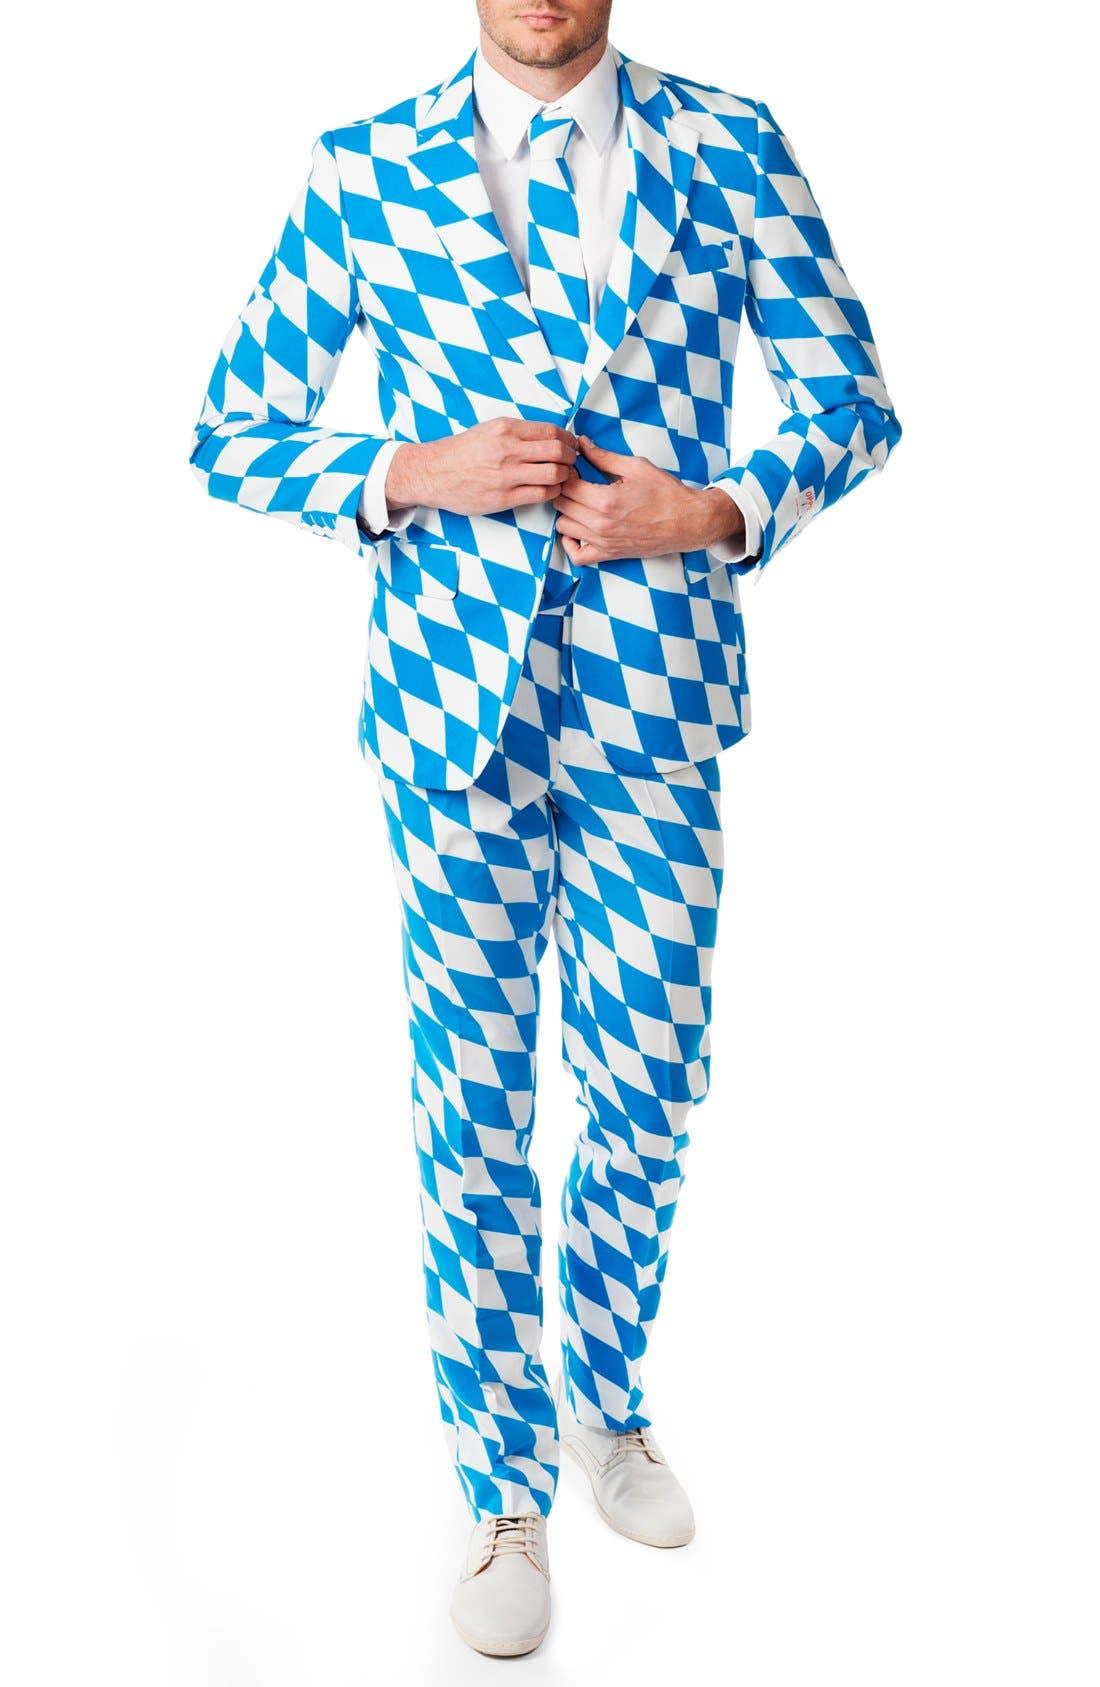 'The Bavarian' Trim Fit Suit with Tie,                         Main,                         color, Blue